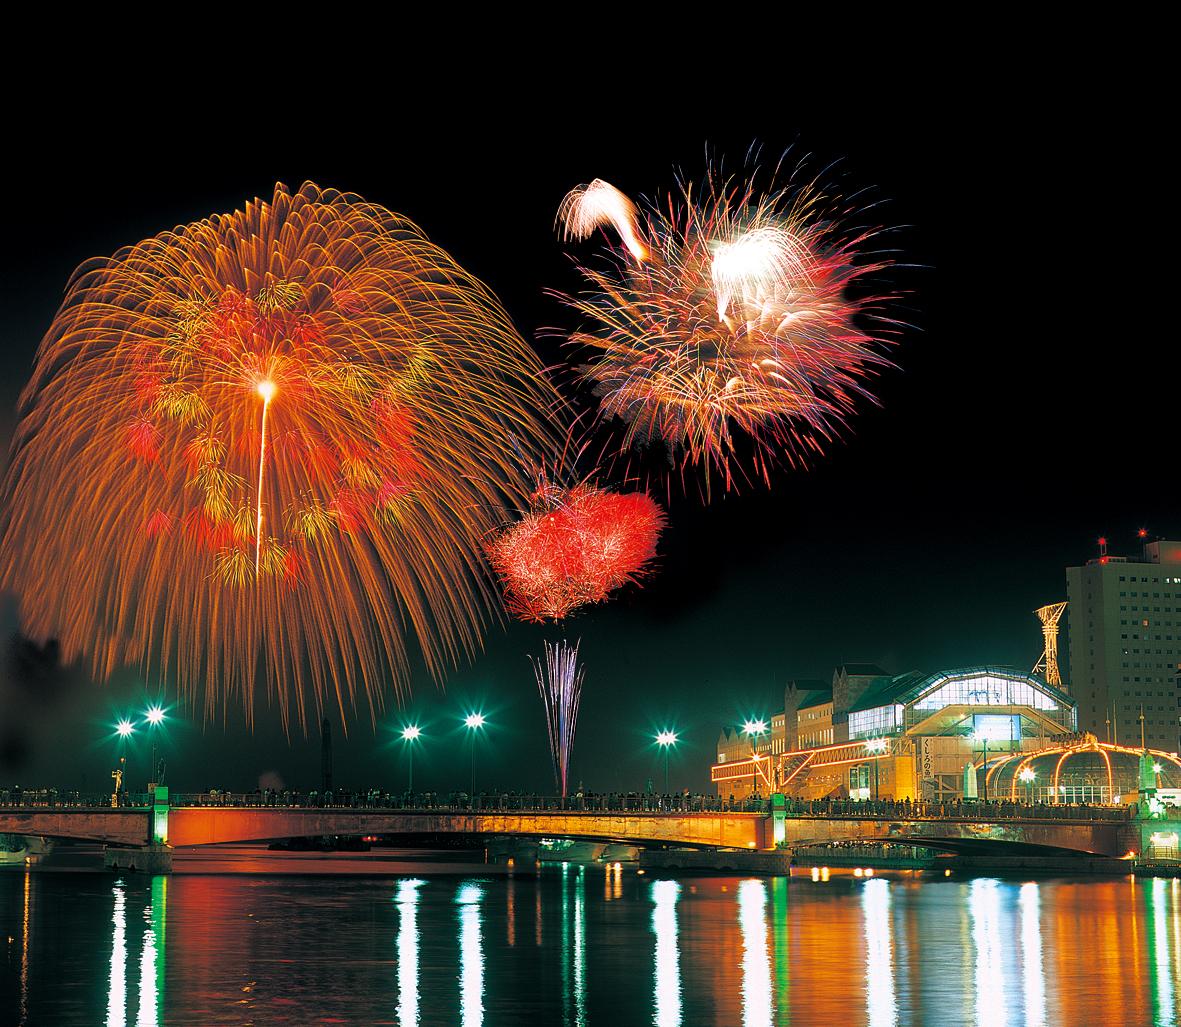 釧路イベント:釧路に行く前に!知っておきたい8のイベント